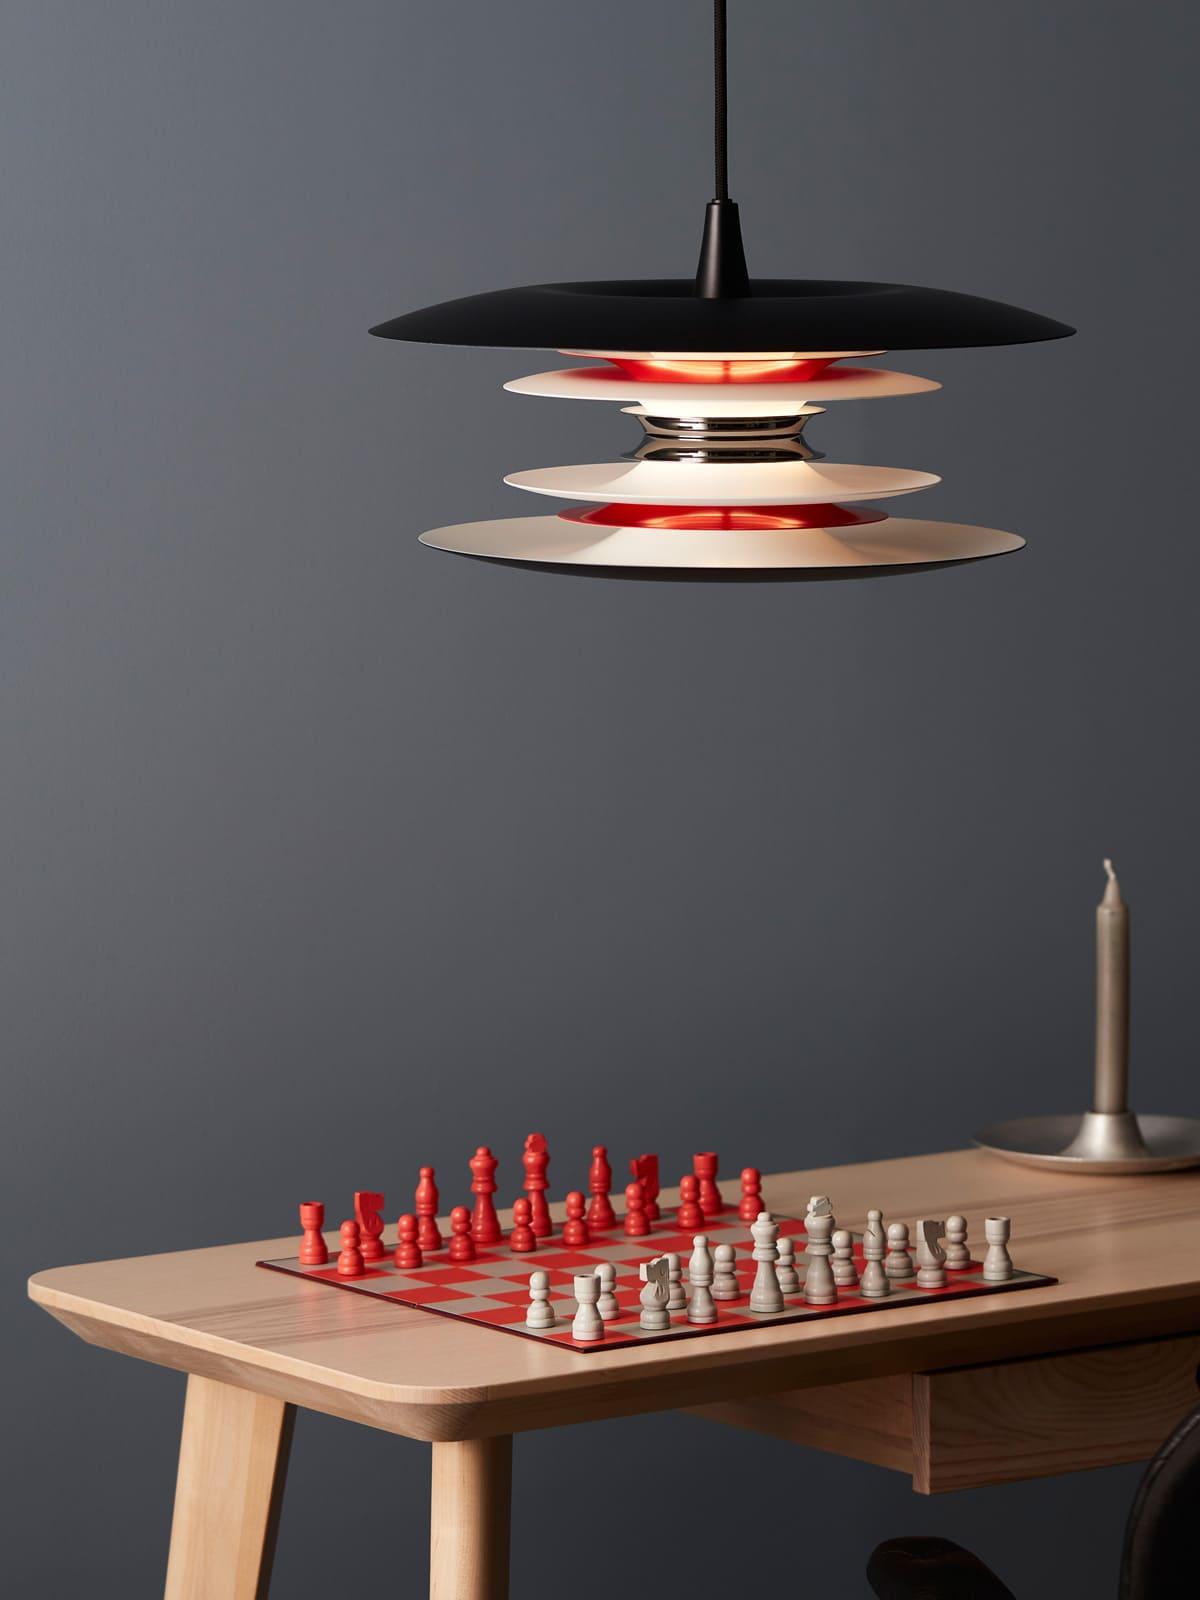 DesignOrt Lampen Blog: Diablo Lampenfamilie - Pendelleuchte Diablo in Schwarz und Rot von Belid